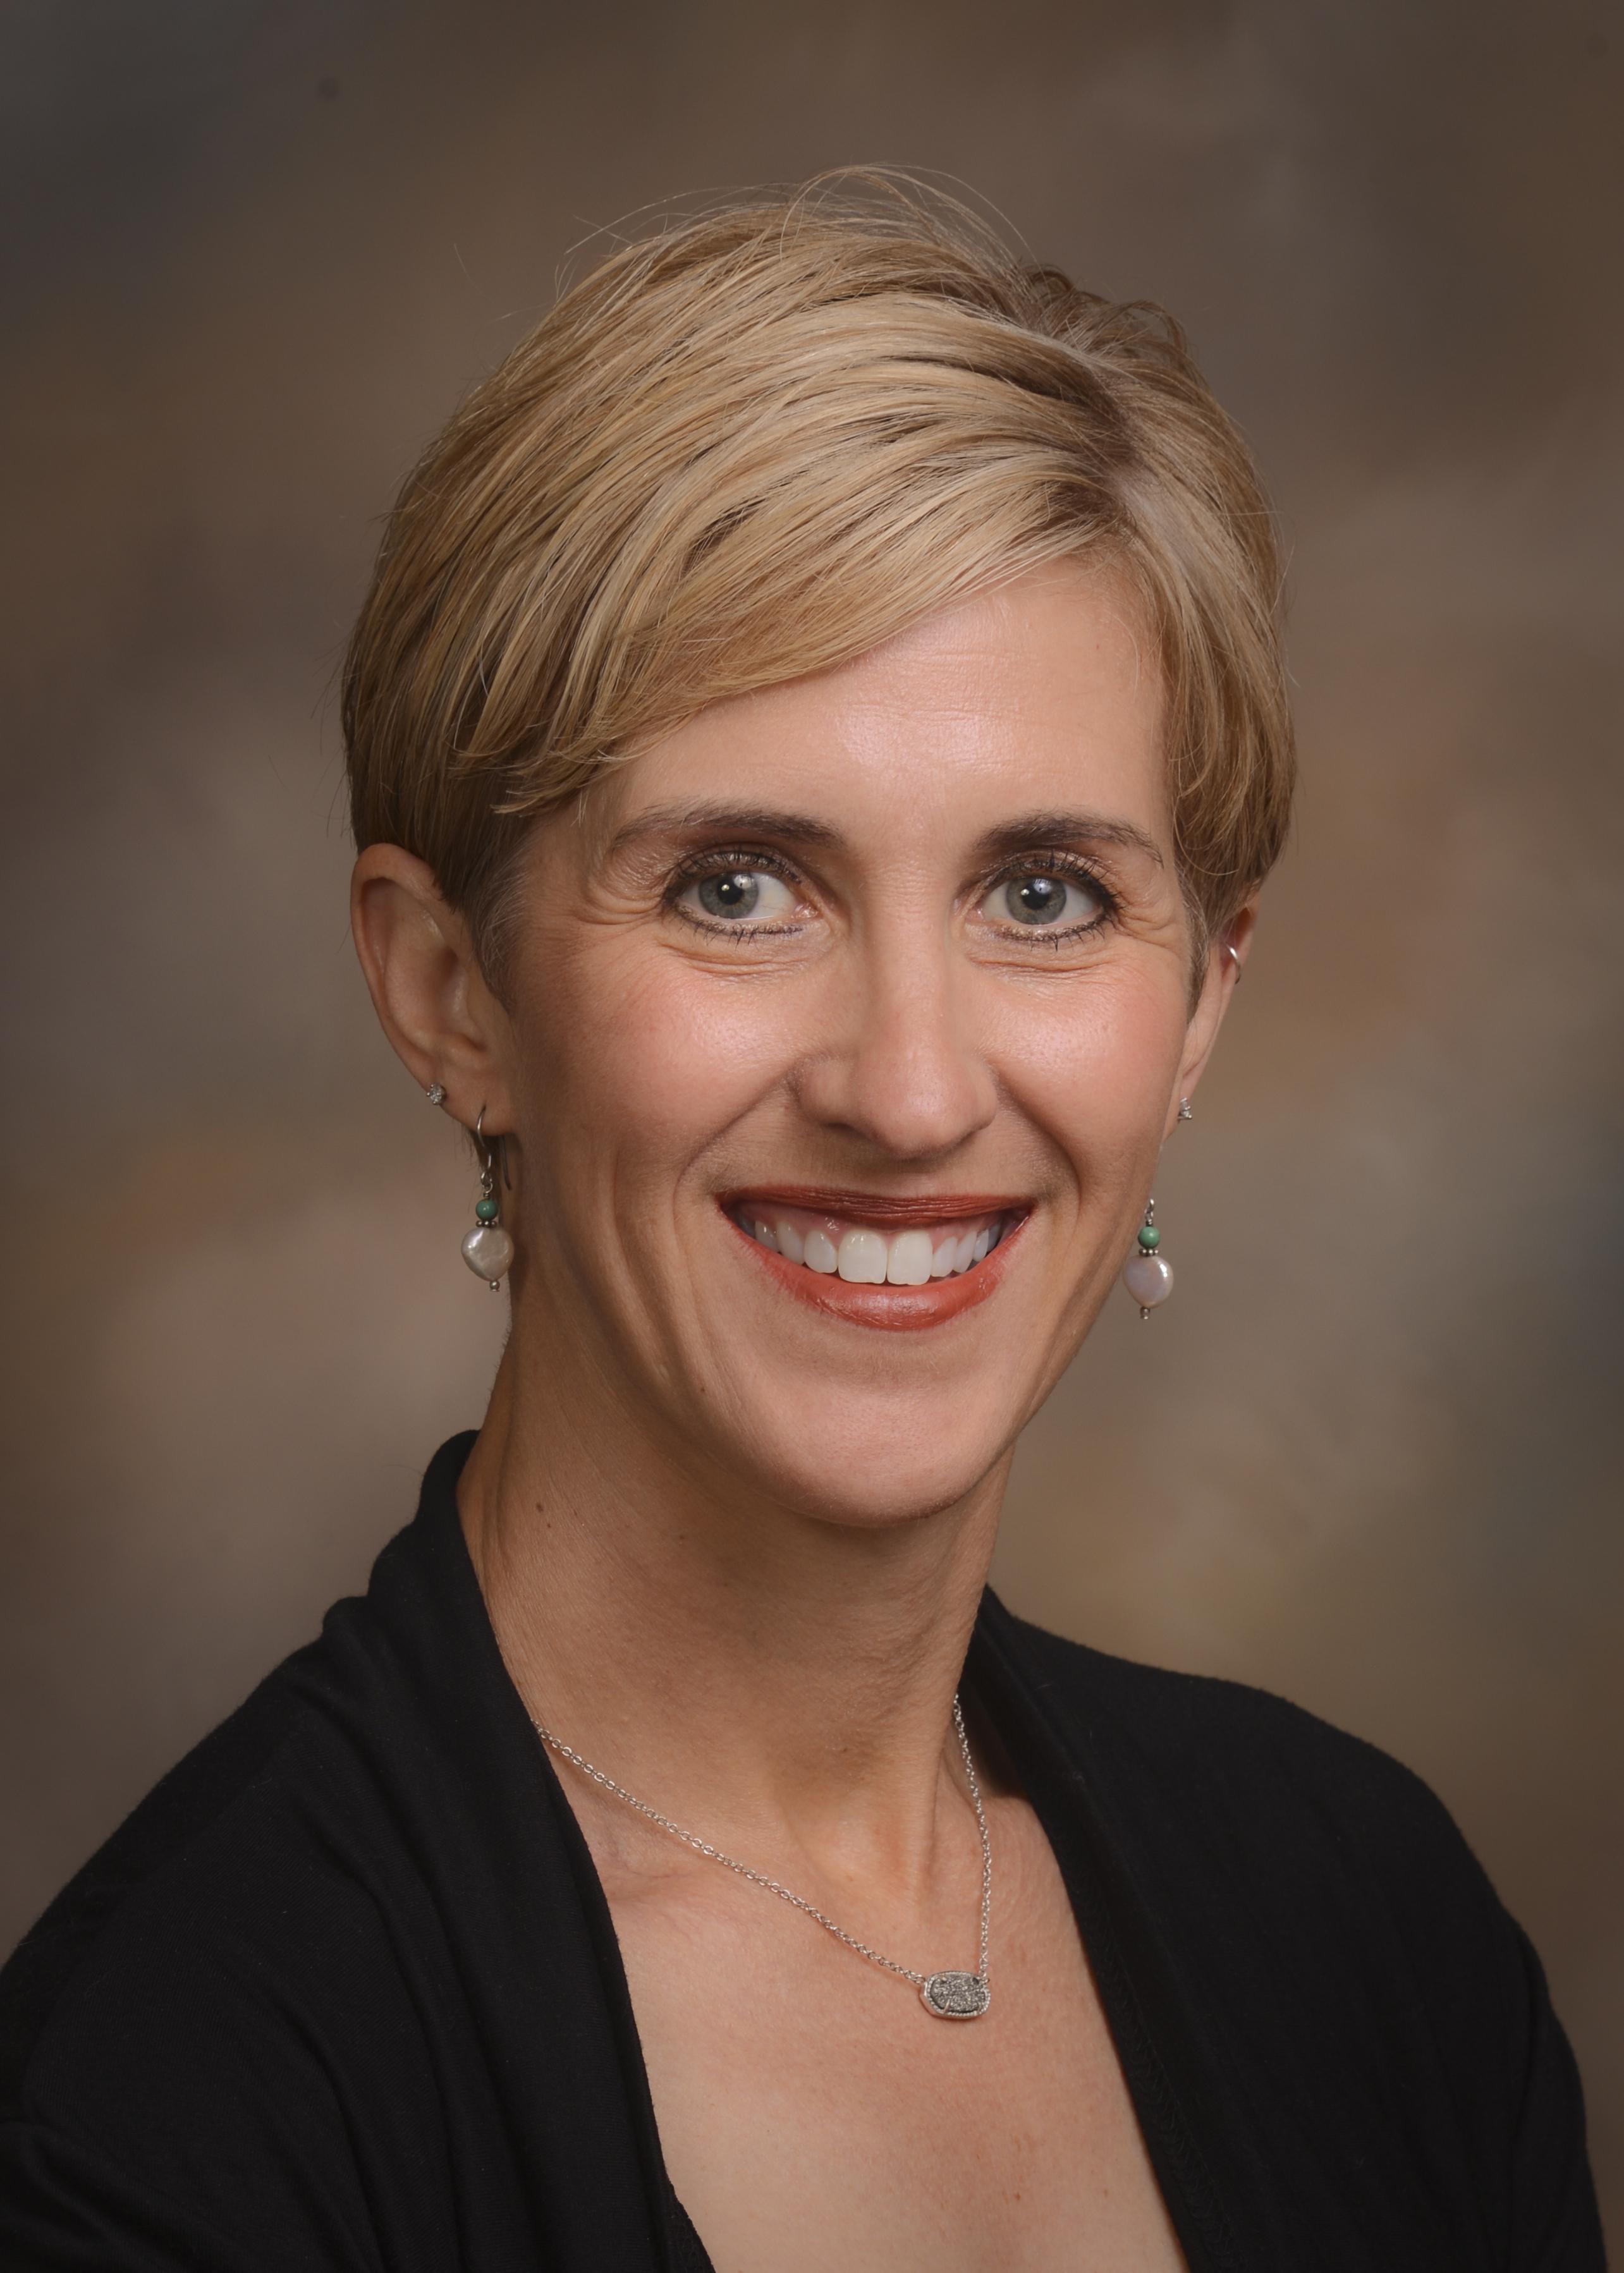 Alisa Woods, M.S., CCC-SLP